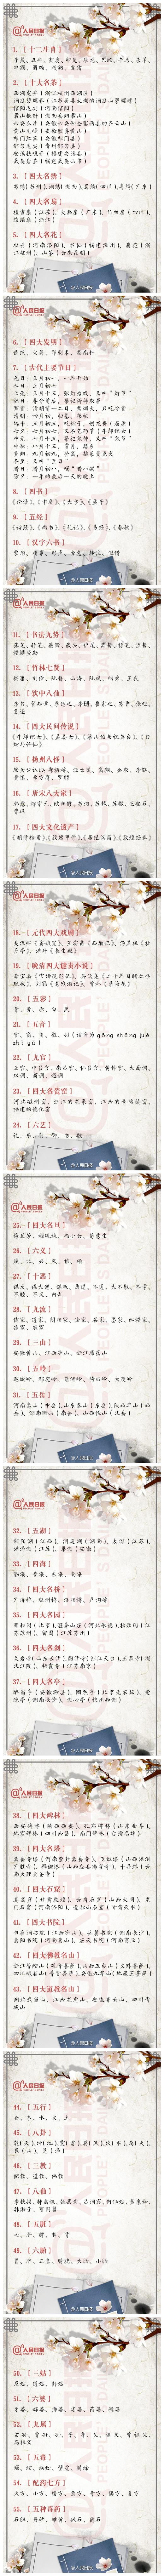 常识积累:55个中国文化常识